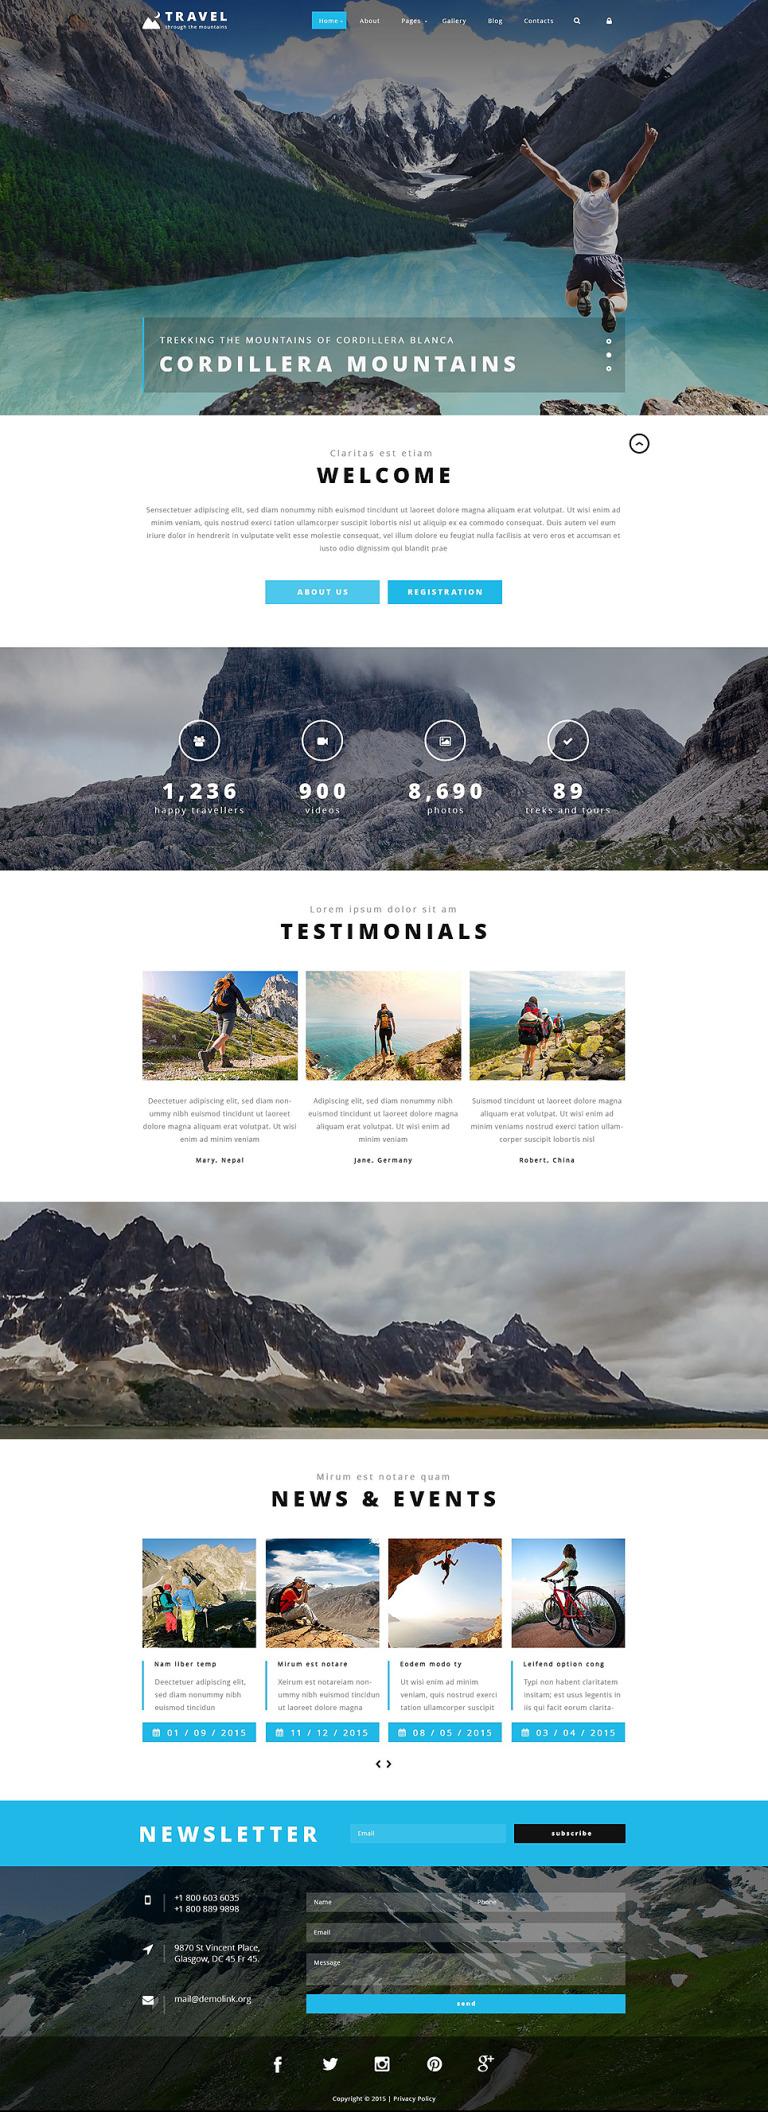 Travel PSD Template New Screenshots BIG